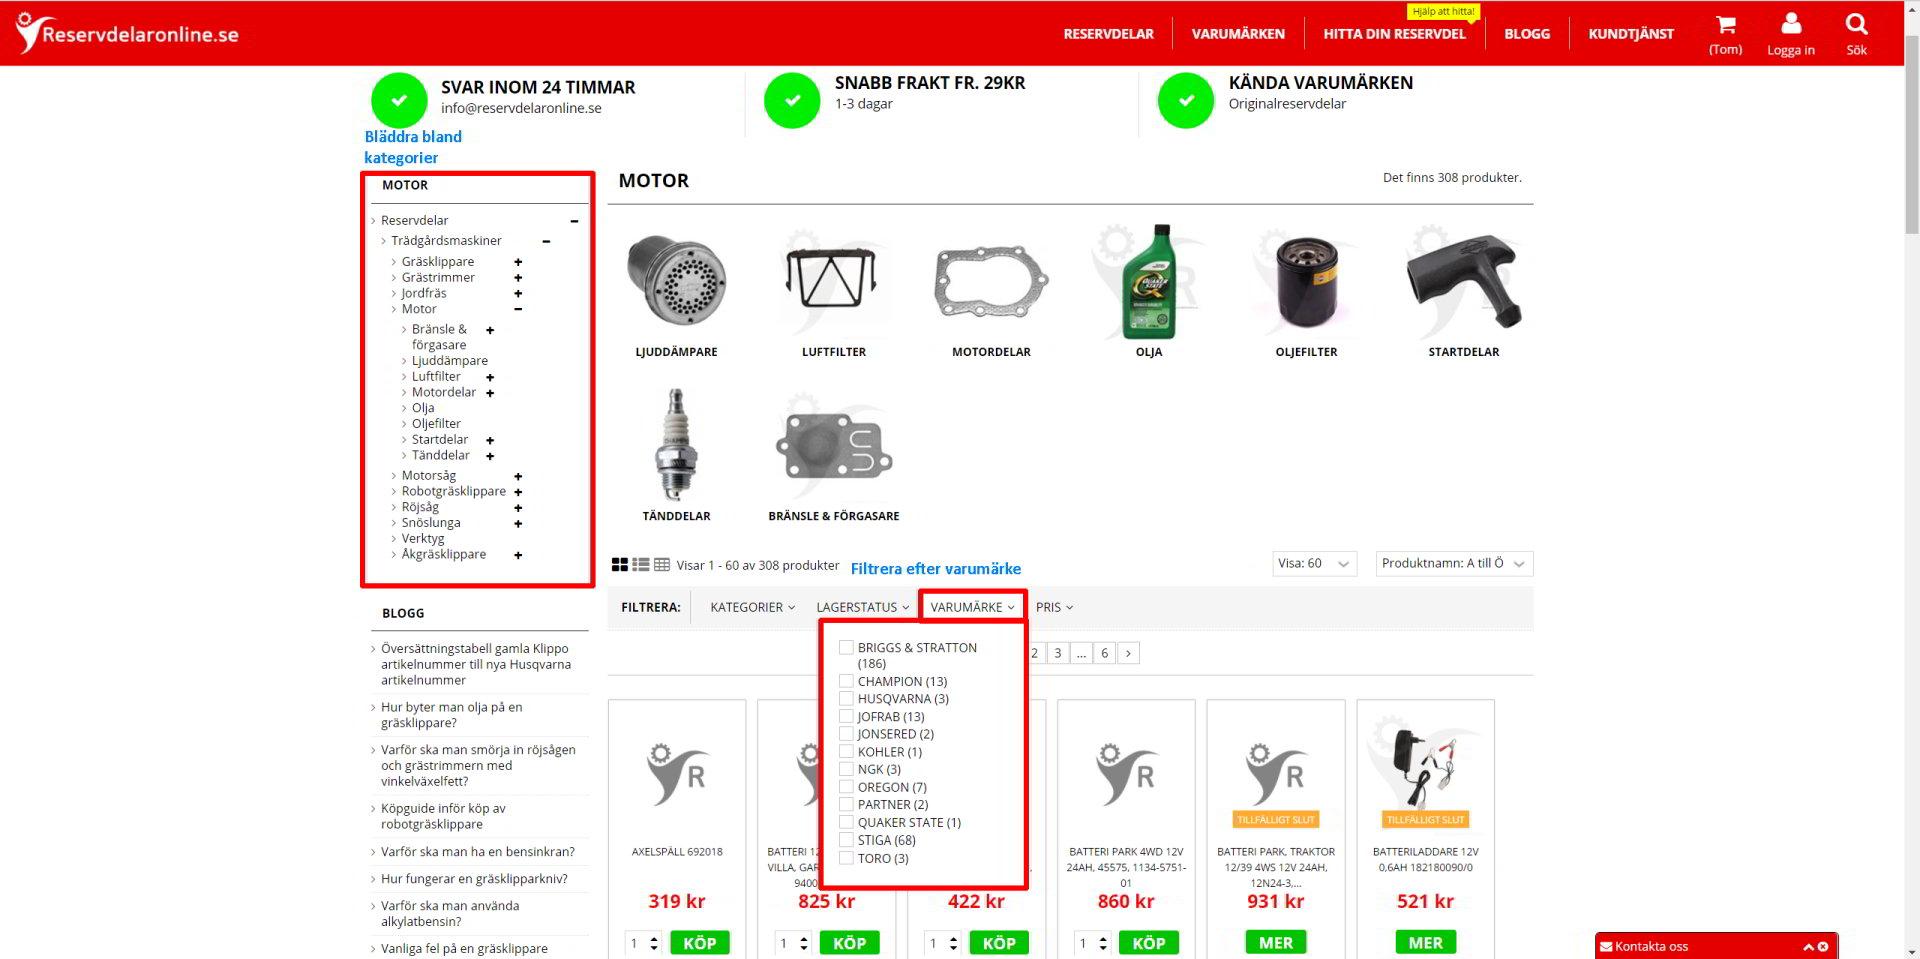 Bläddra bland kategorier och filtrera efter varumärke